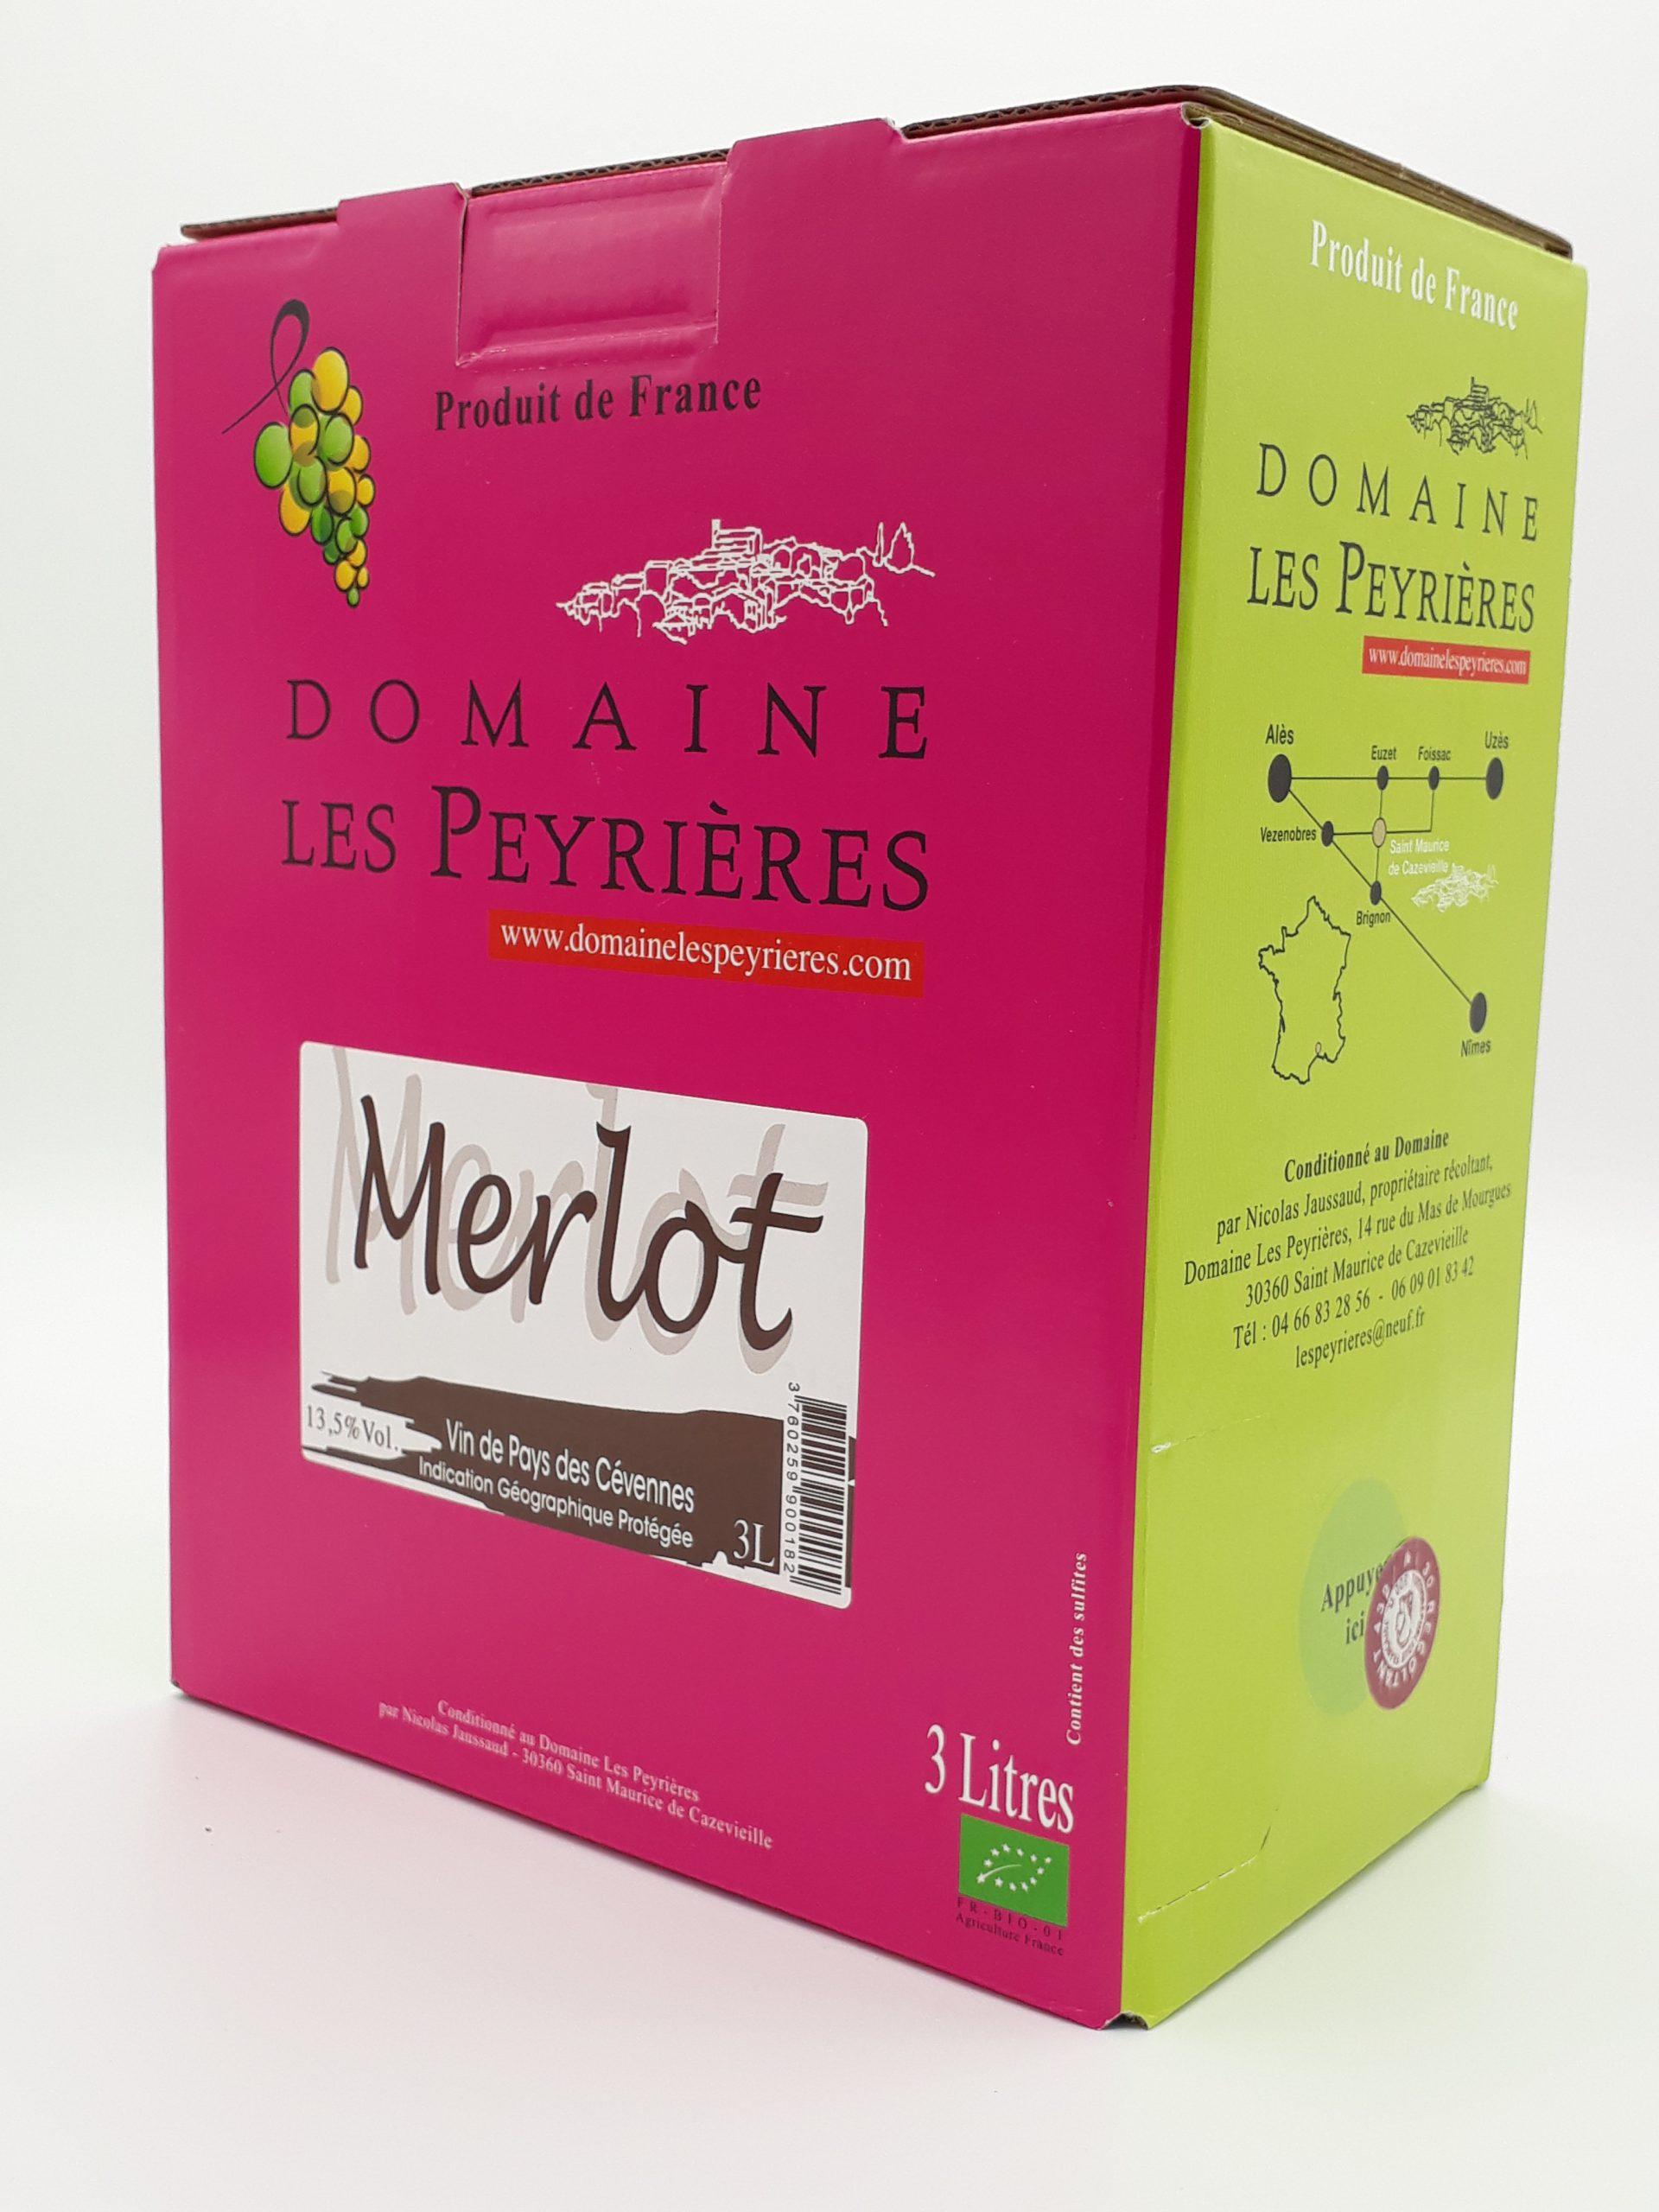 vin-pays-cevennes-merlot-2019-baginbox-3litres-02